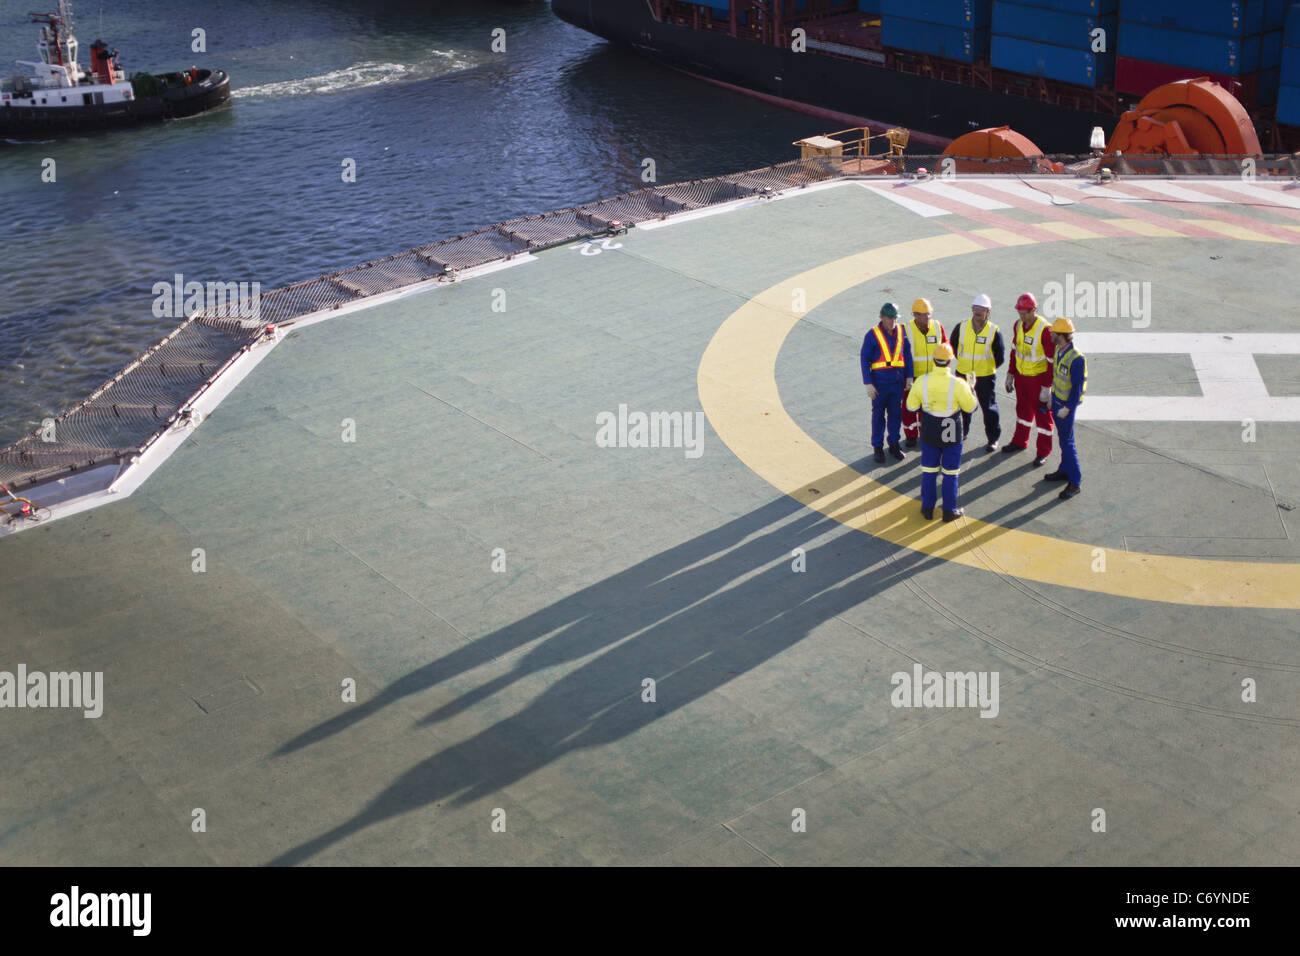 Los trabajadores hablando sobre el helipuerto de plataforma petrolífera Imagen De Stock